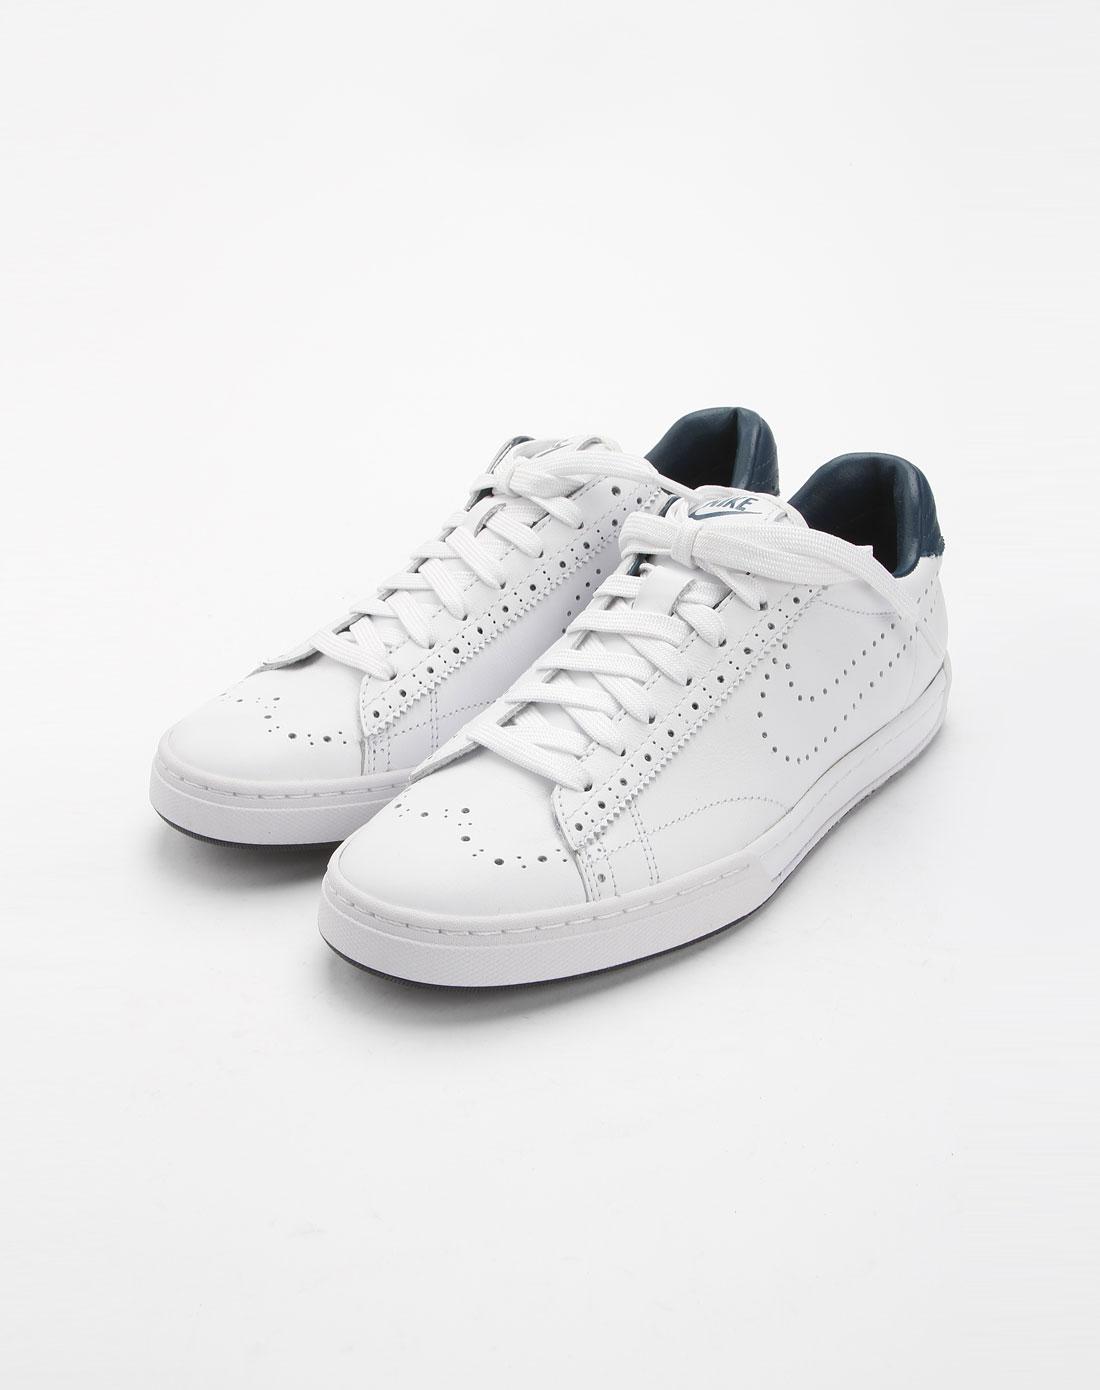 耐克nike白色绑带休闲鞋